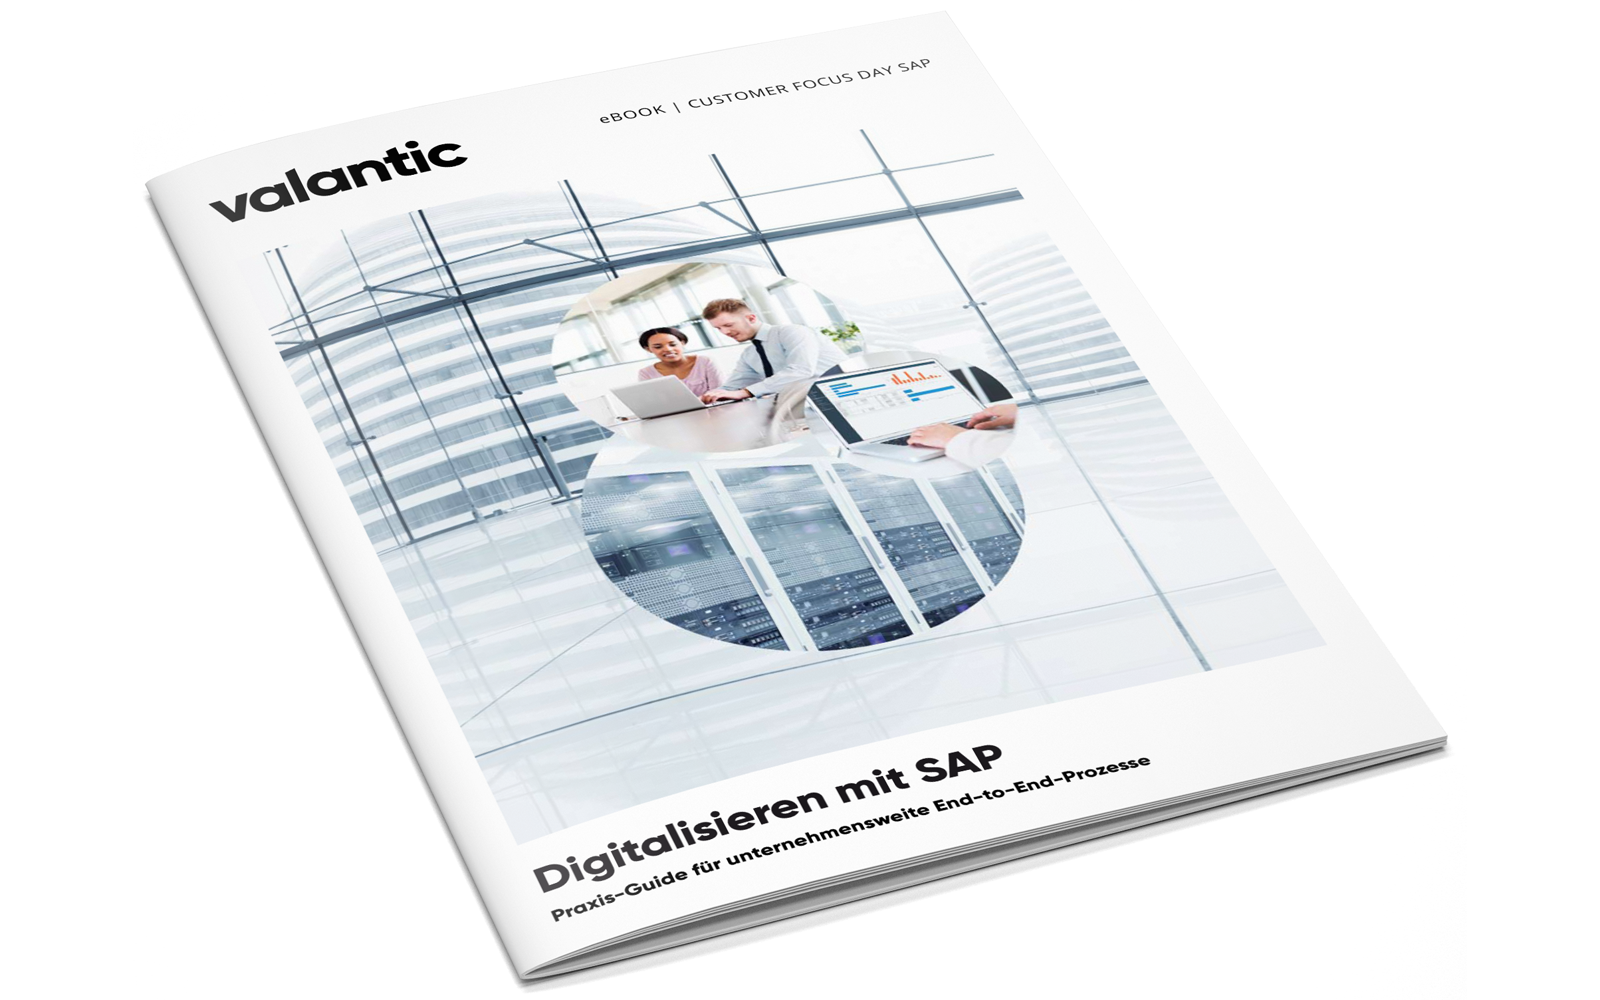 Das Bild zeigt das Titelblatt des valantic E-Books zum Customer Focus Day SAP